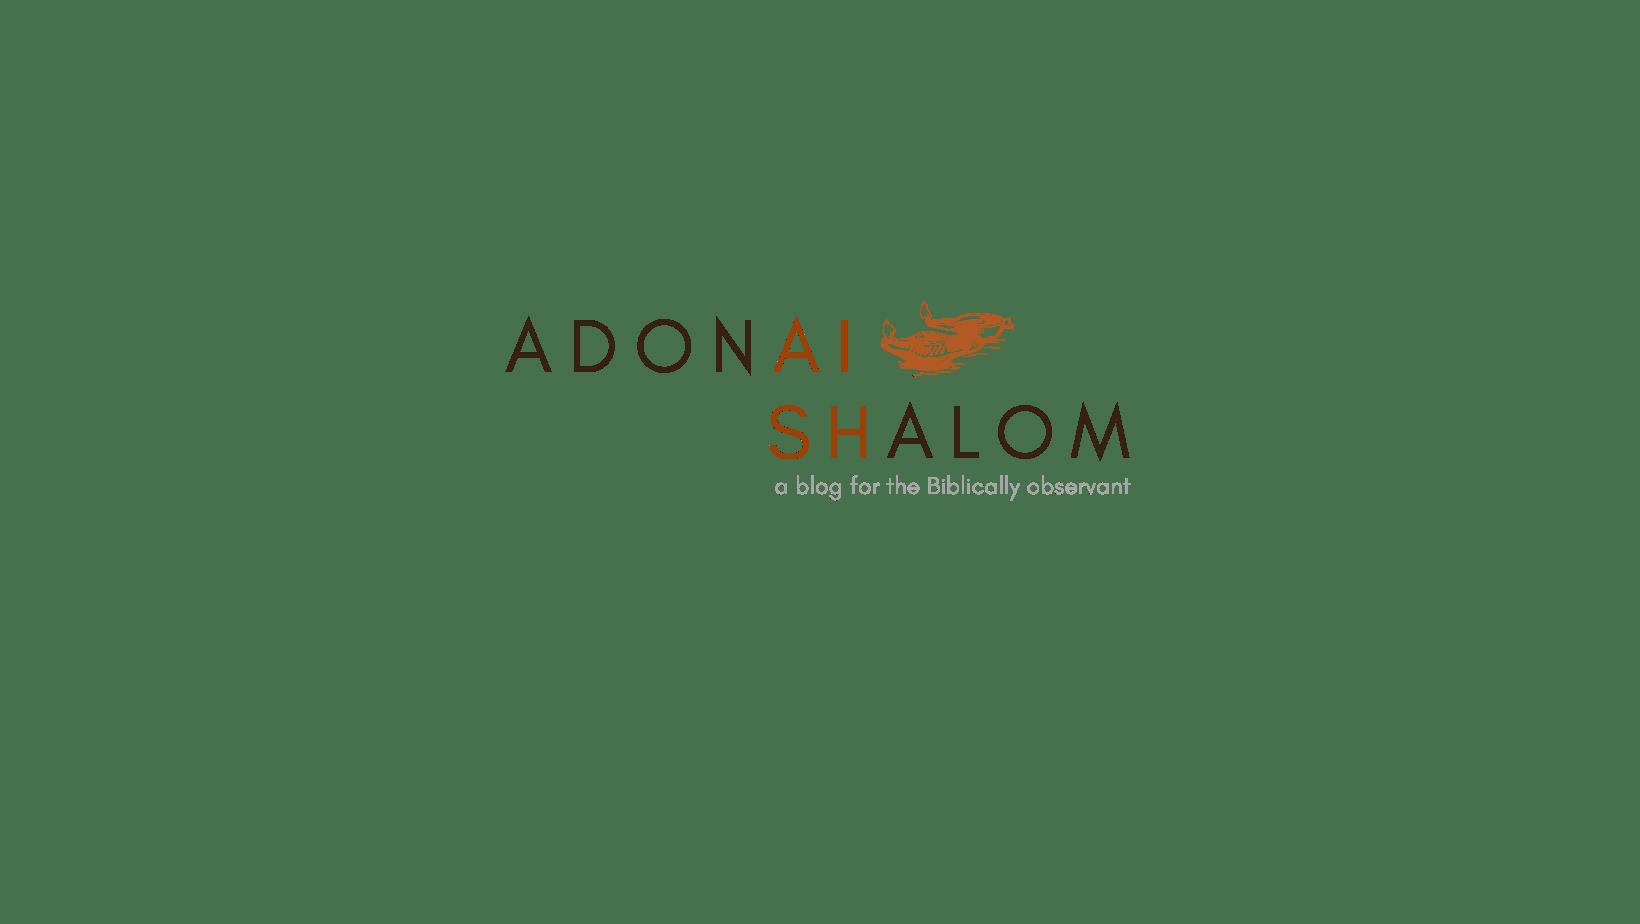 Adonai Shalom